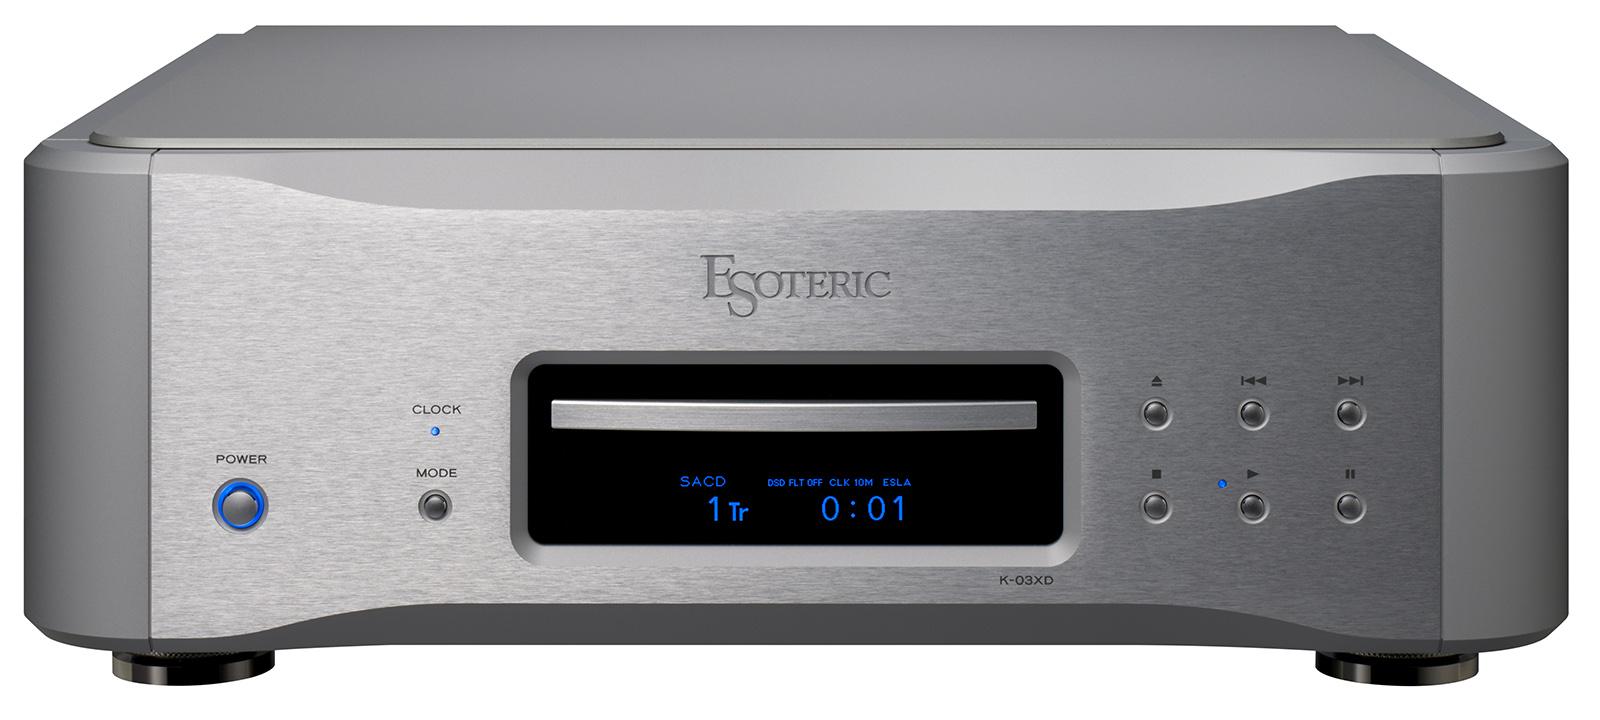 ★価格はお問合せ下さい★ESOTERIC K-03XD SACD/CDプレーヤー